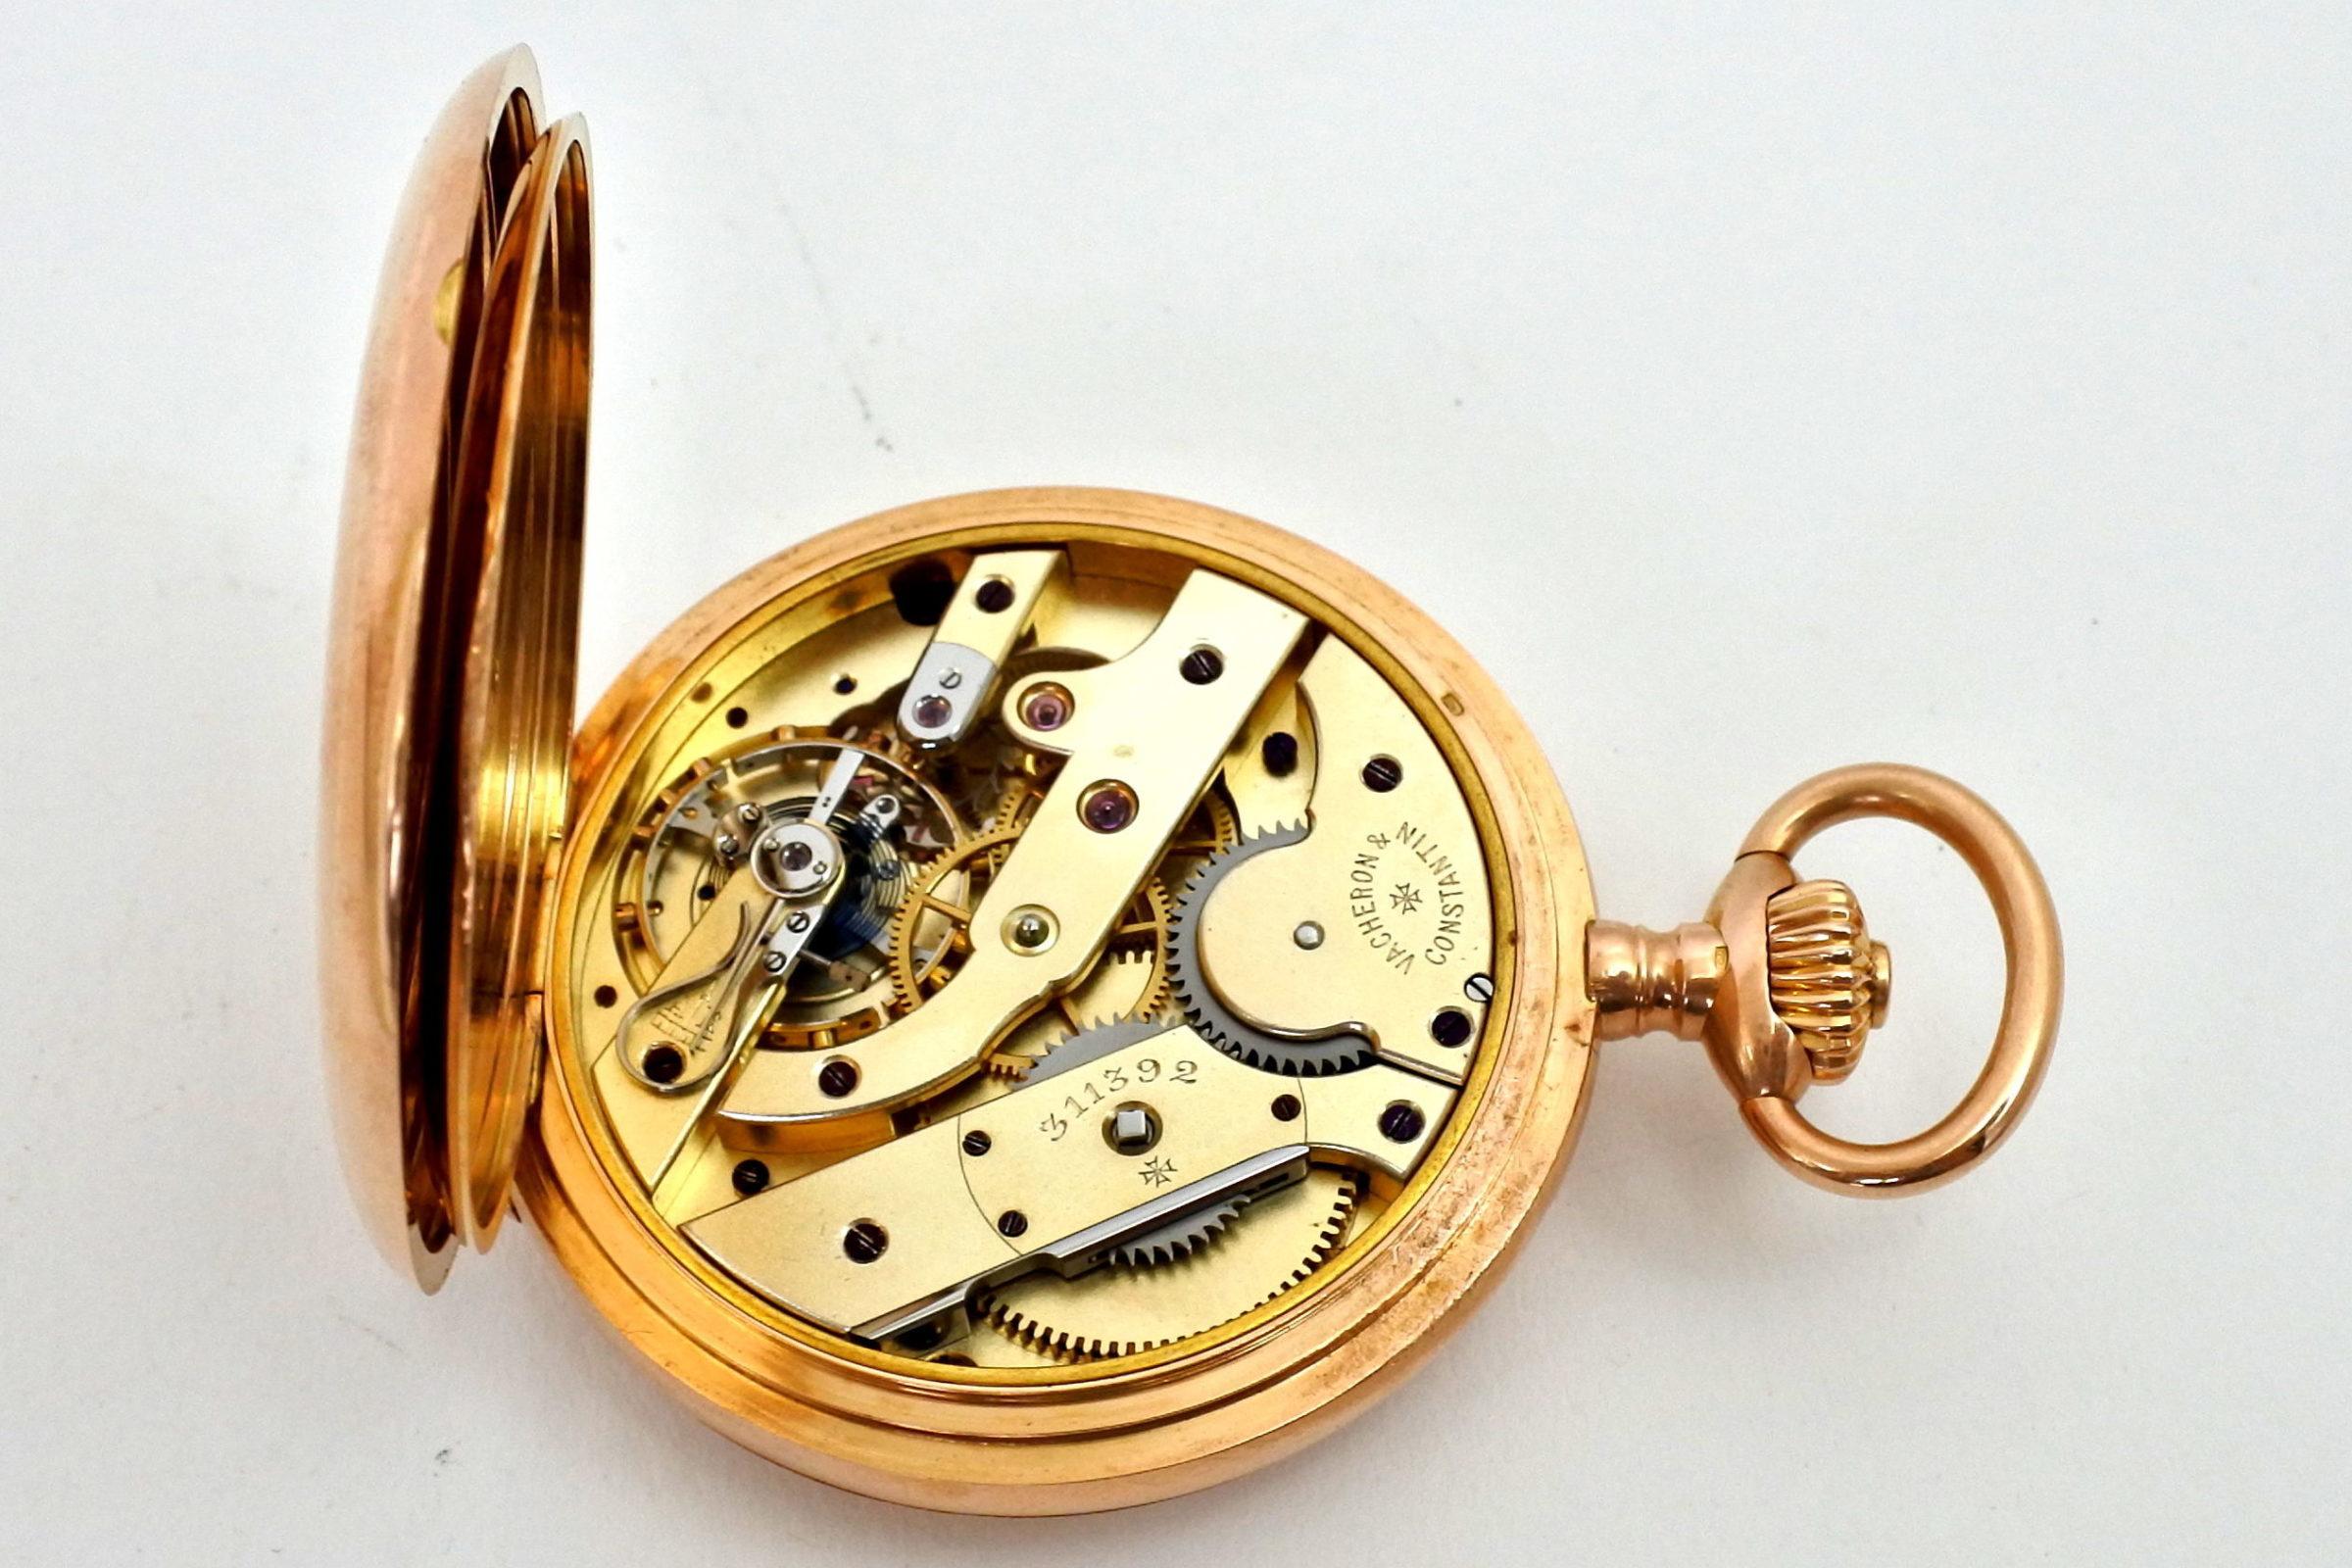 Orologio da tasca occhio di bue in oro - Vacheron & Constantin Genève - 8